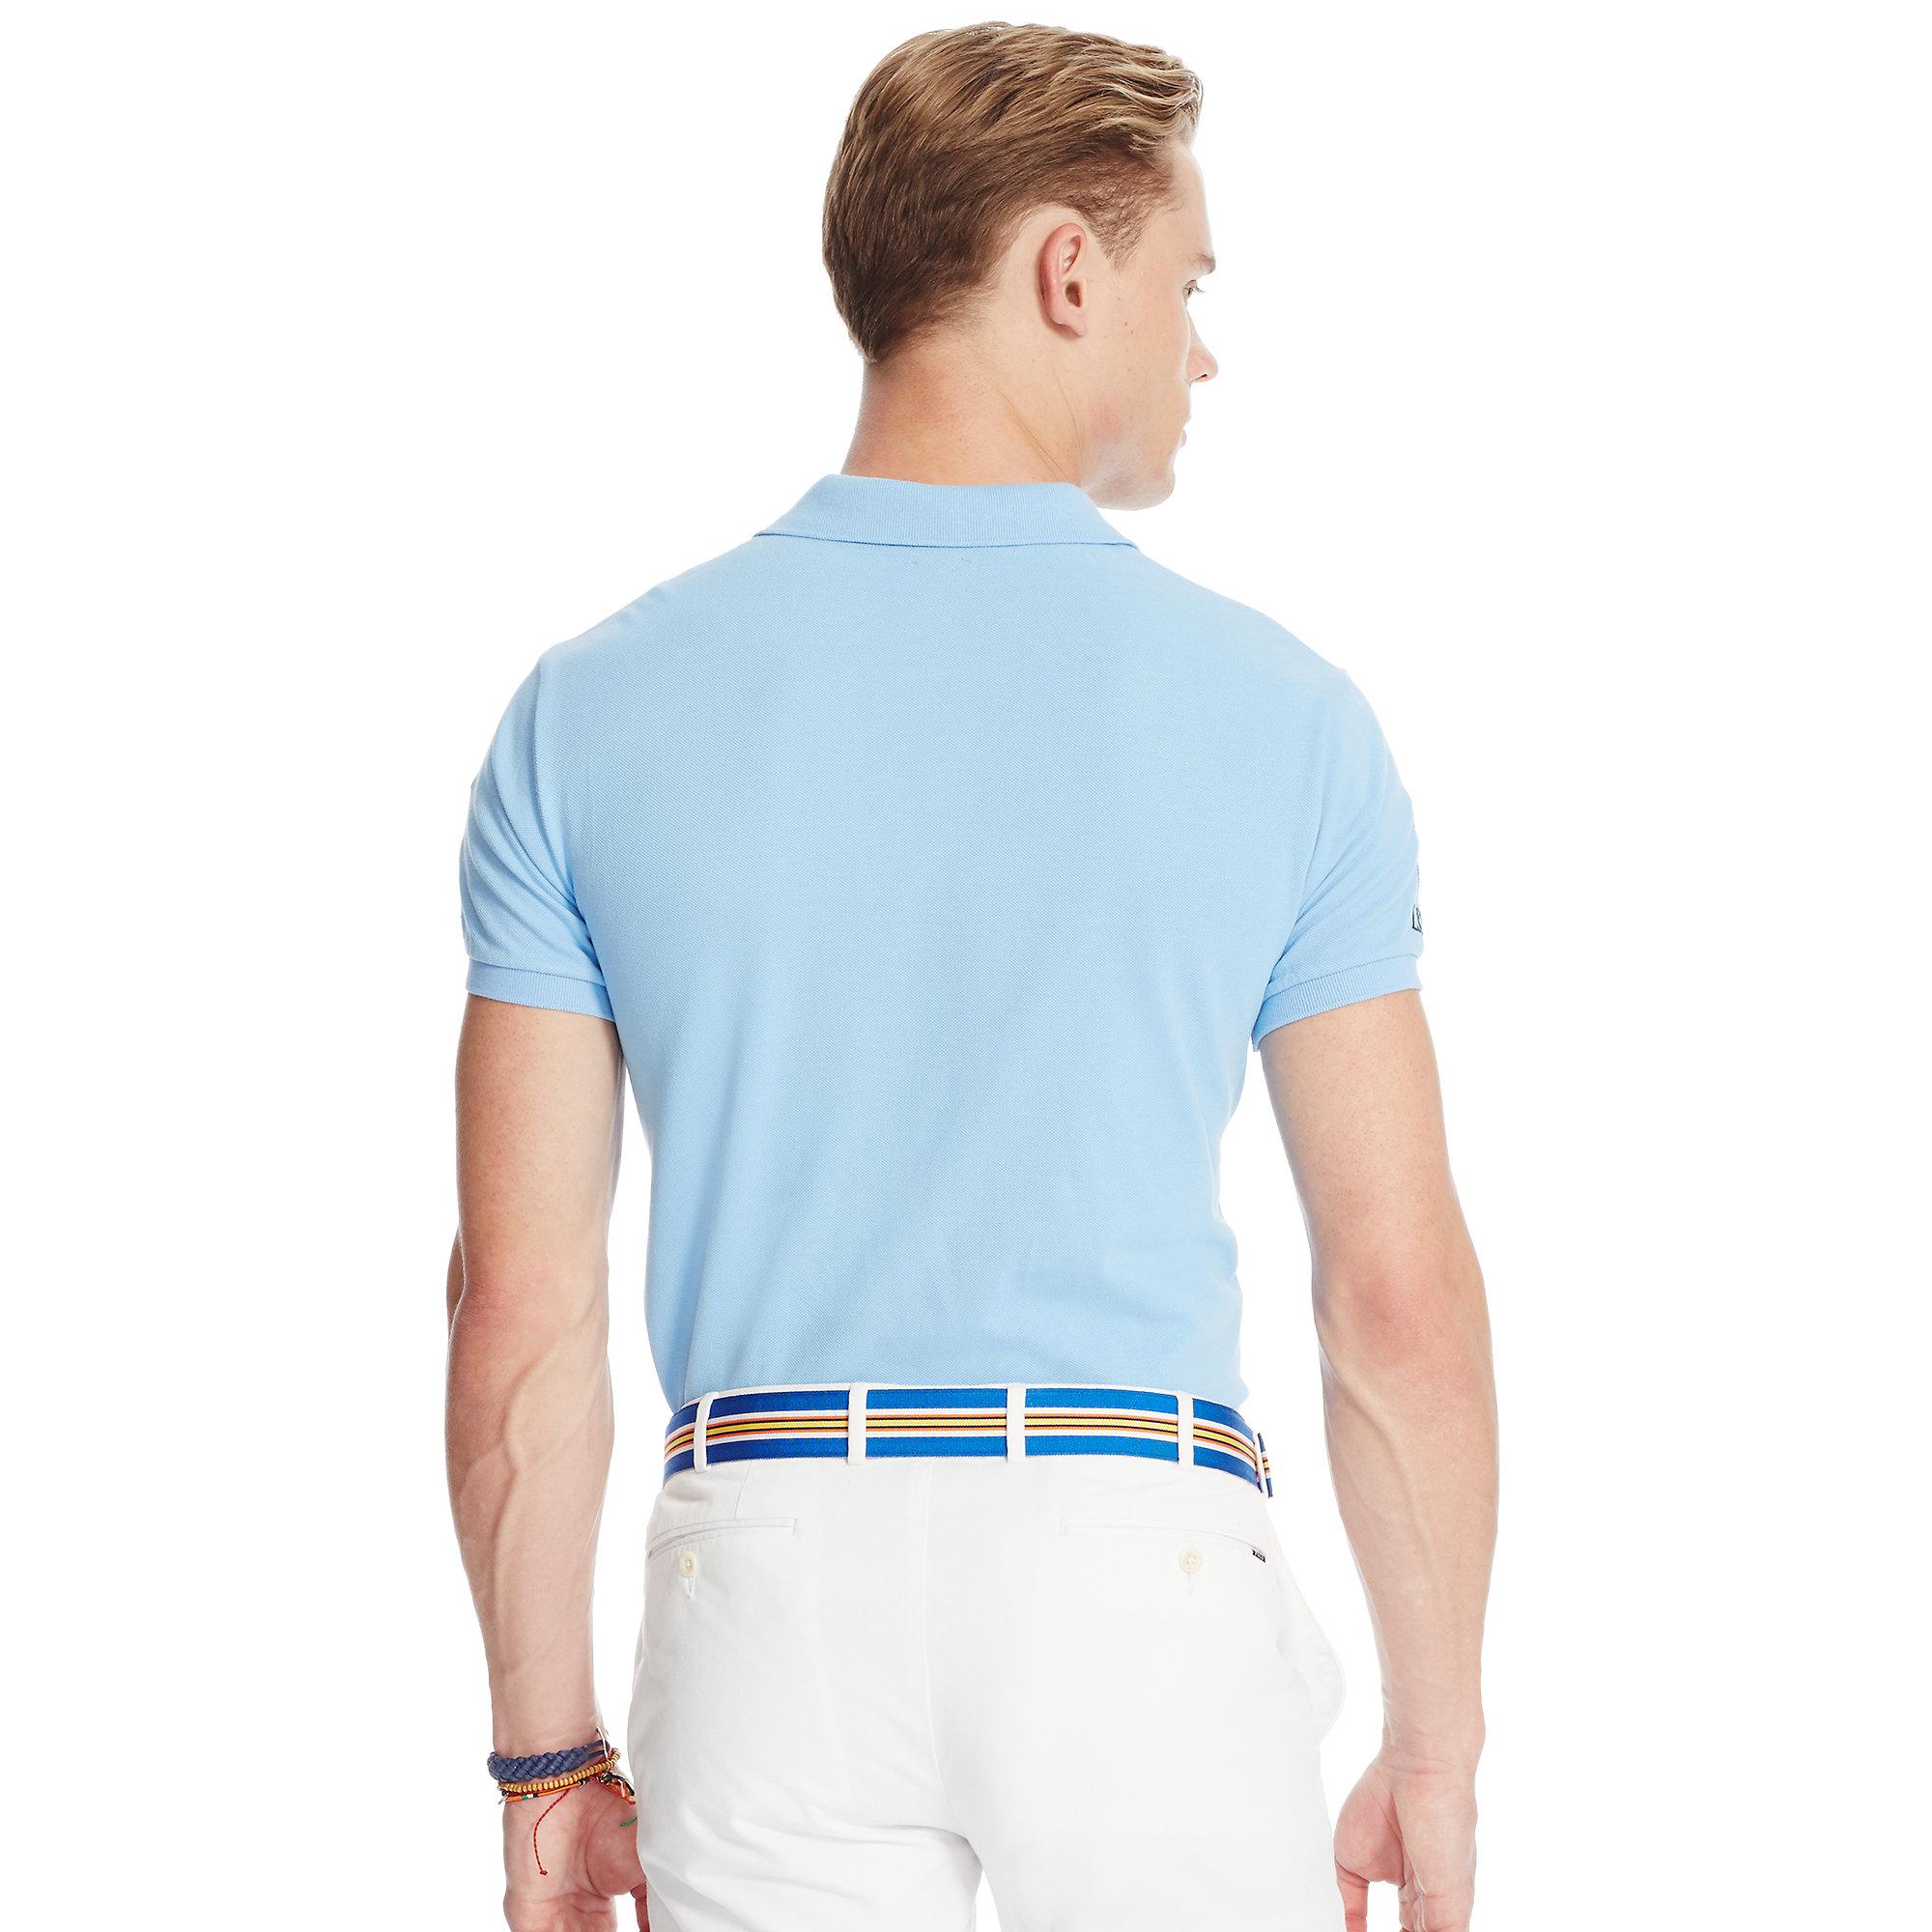 c1e5445d988 ... france lyst polo ralph lauren custom fit banner polo shirt in blue for  men 769d8 364f1